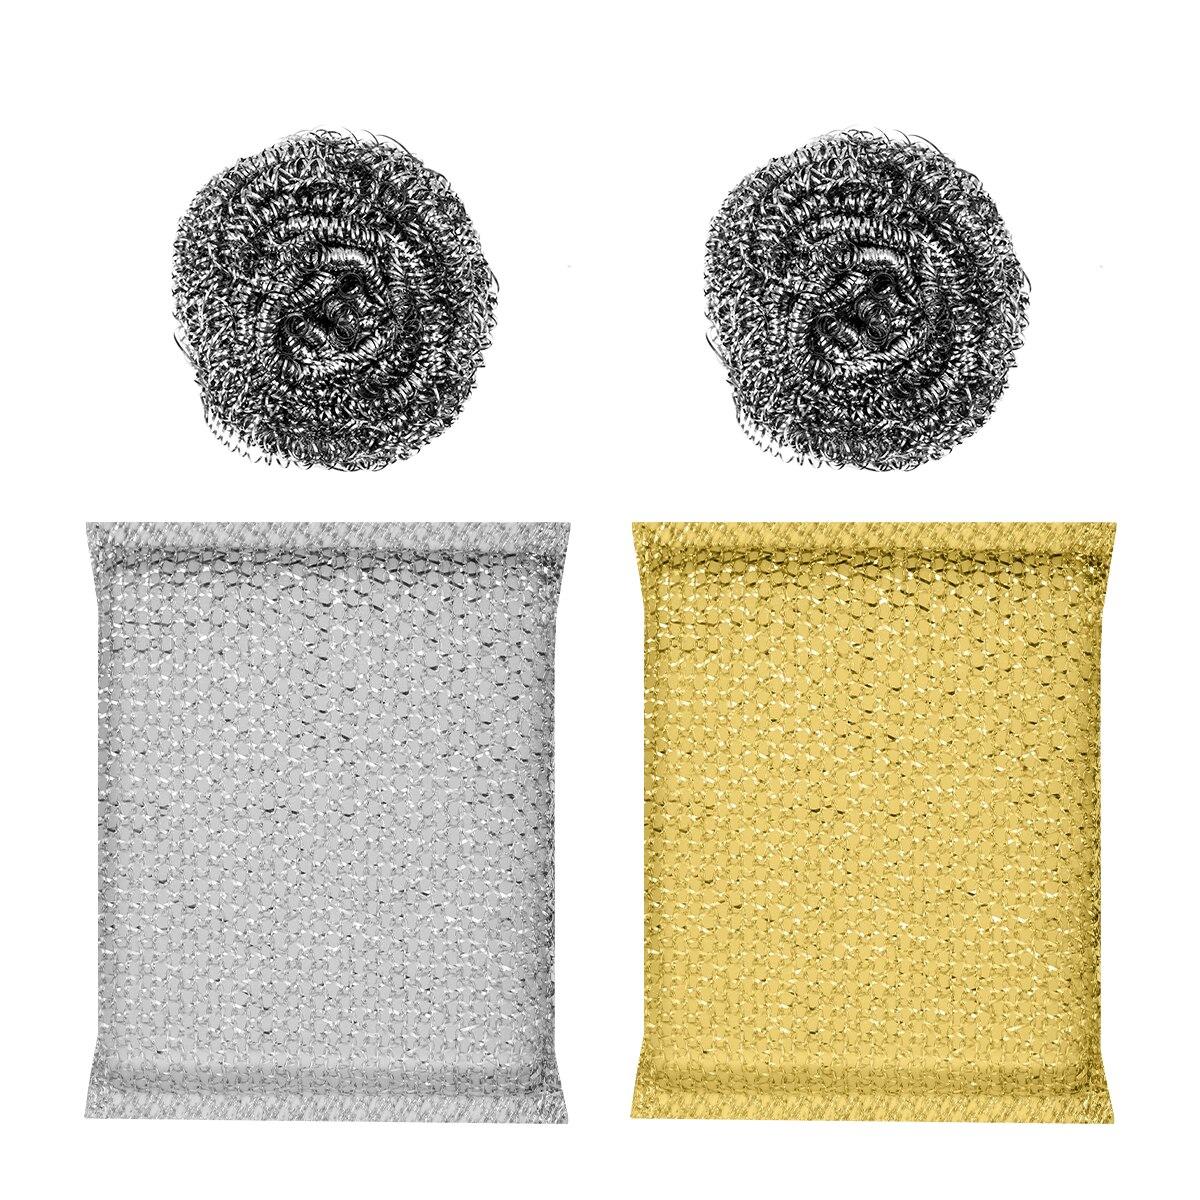 Juego de 2 esponjas y 2 esponjas de acero para limpieza de cocina, limpiador de esponja, sartén, cepillo, esponja para lavar platos, esponja (Color al azar)